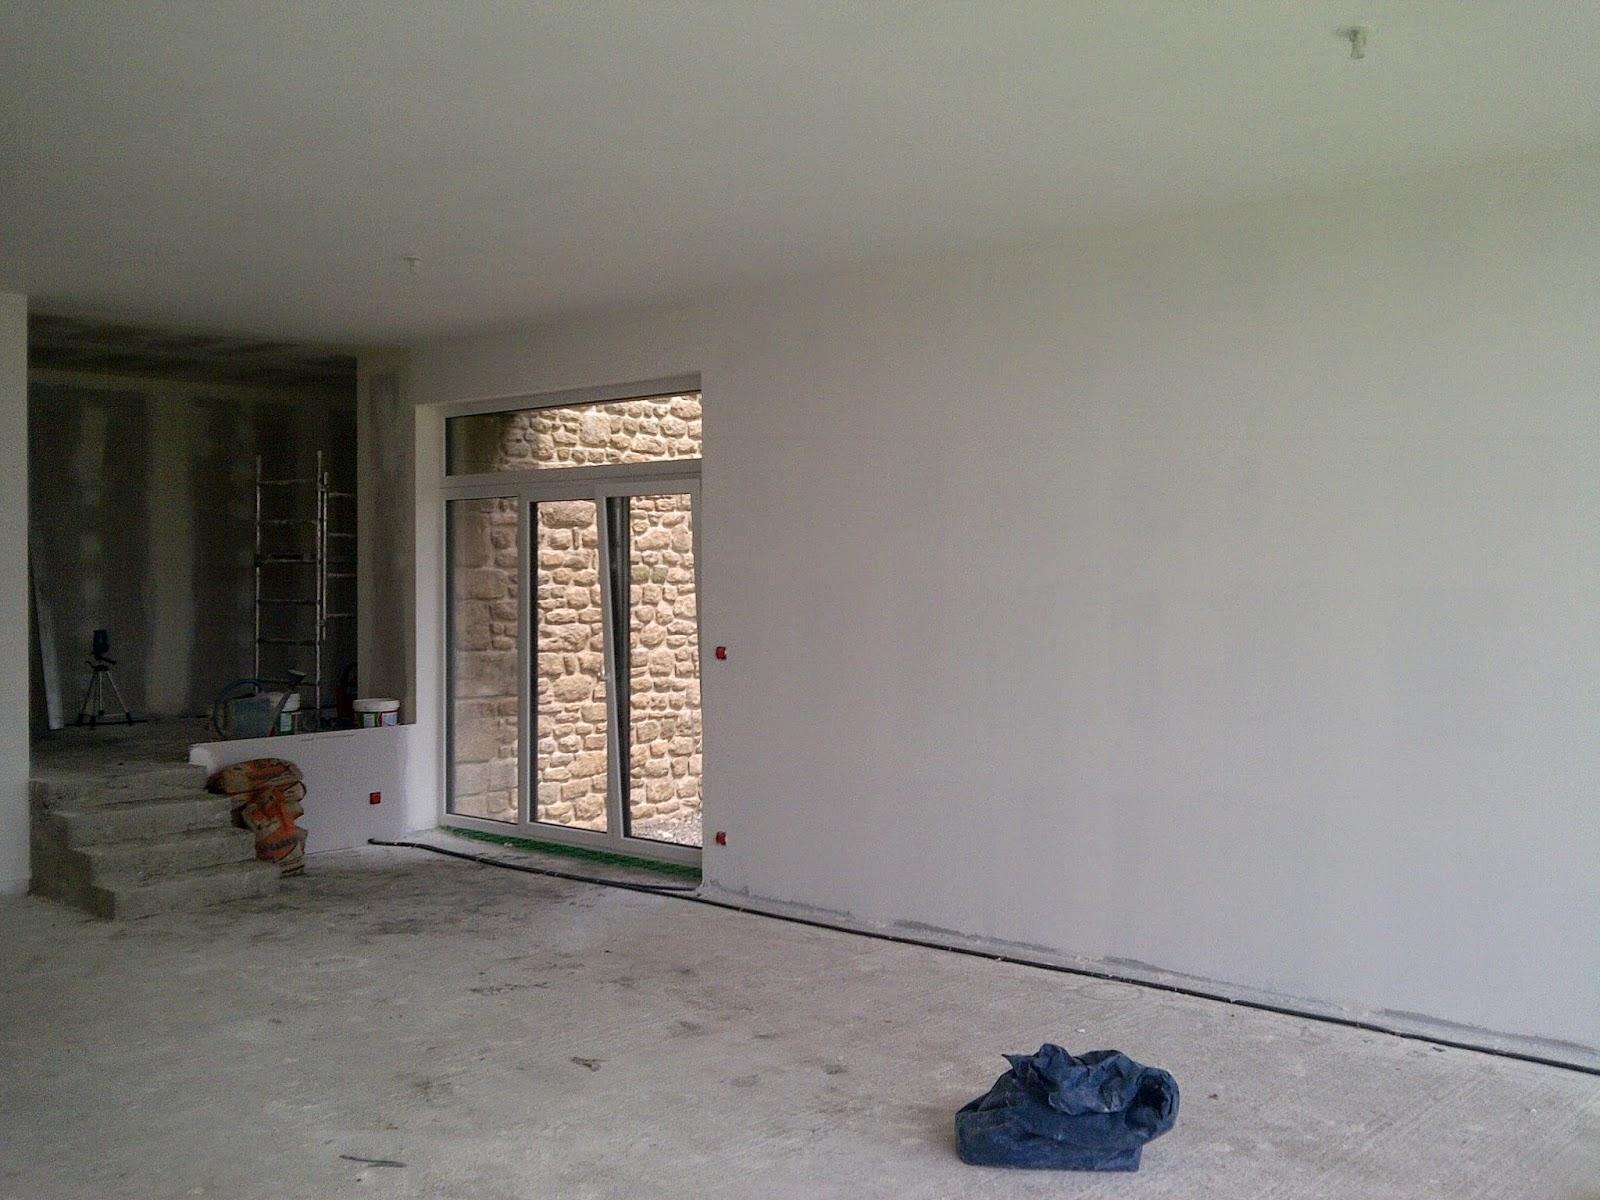 maison passive dans le coglais 33 me semaine de chantier. Black Bedroom Furniture Sets. Home Design Ideas